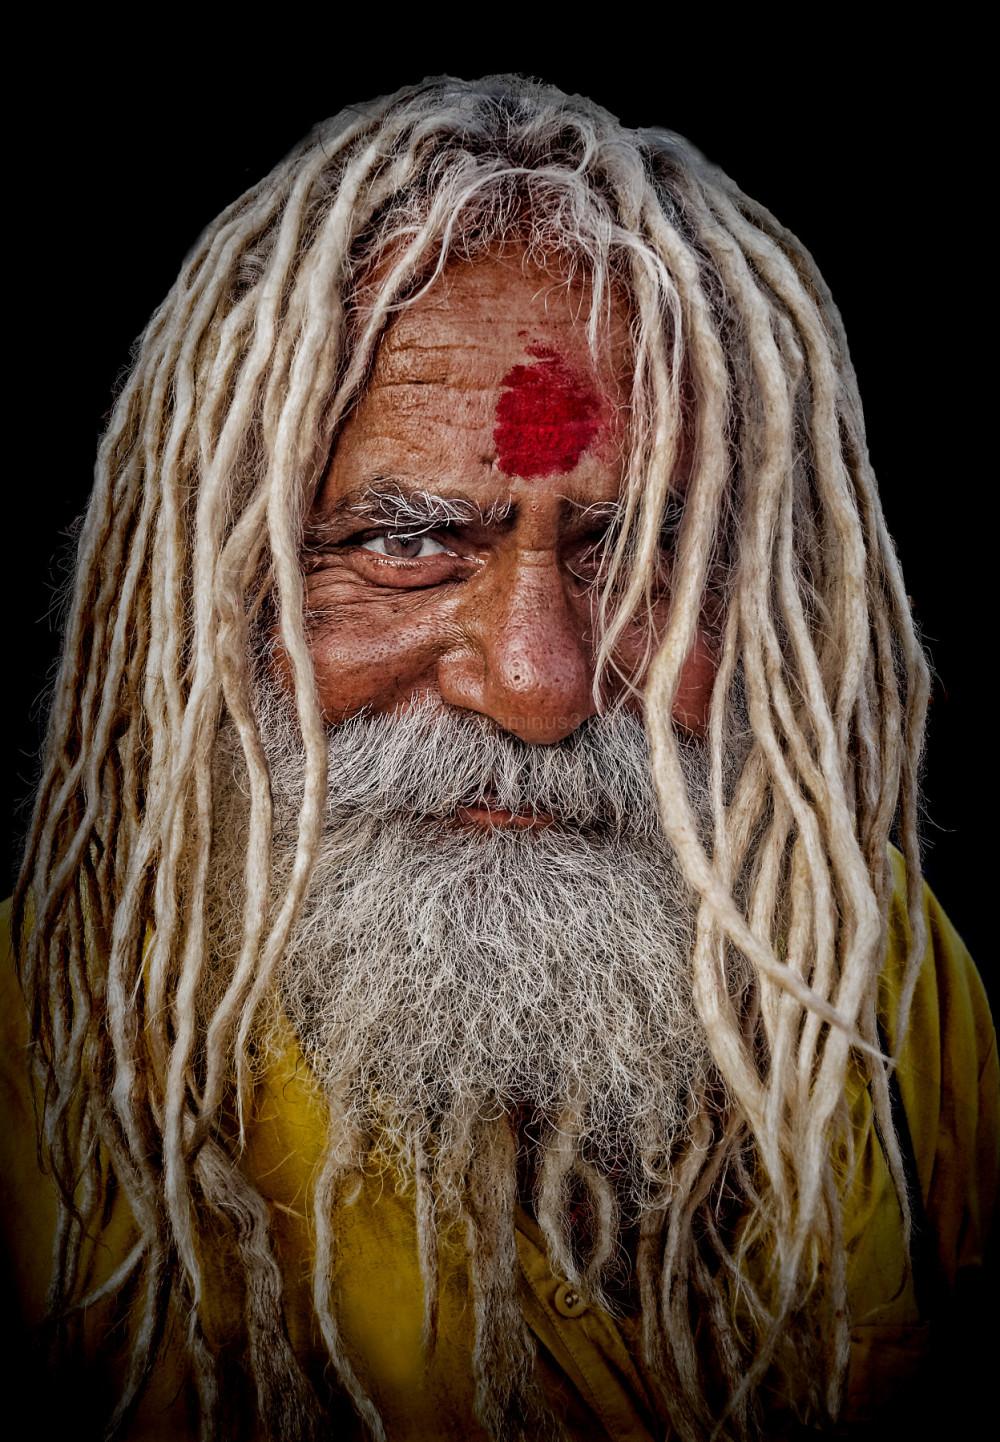 hindu sadhu Haridwar dreadlock silver hair beard